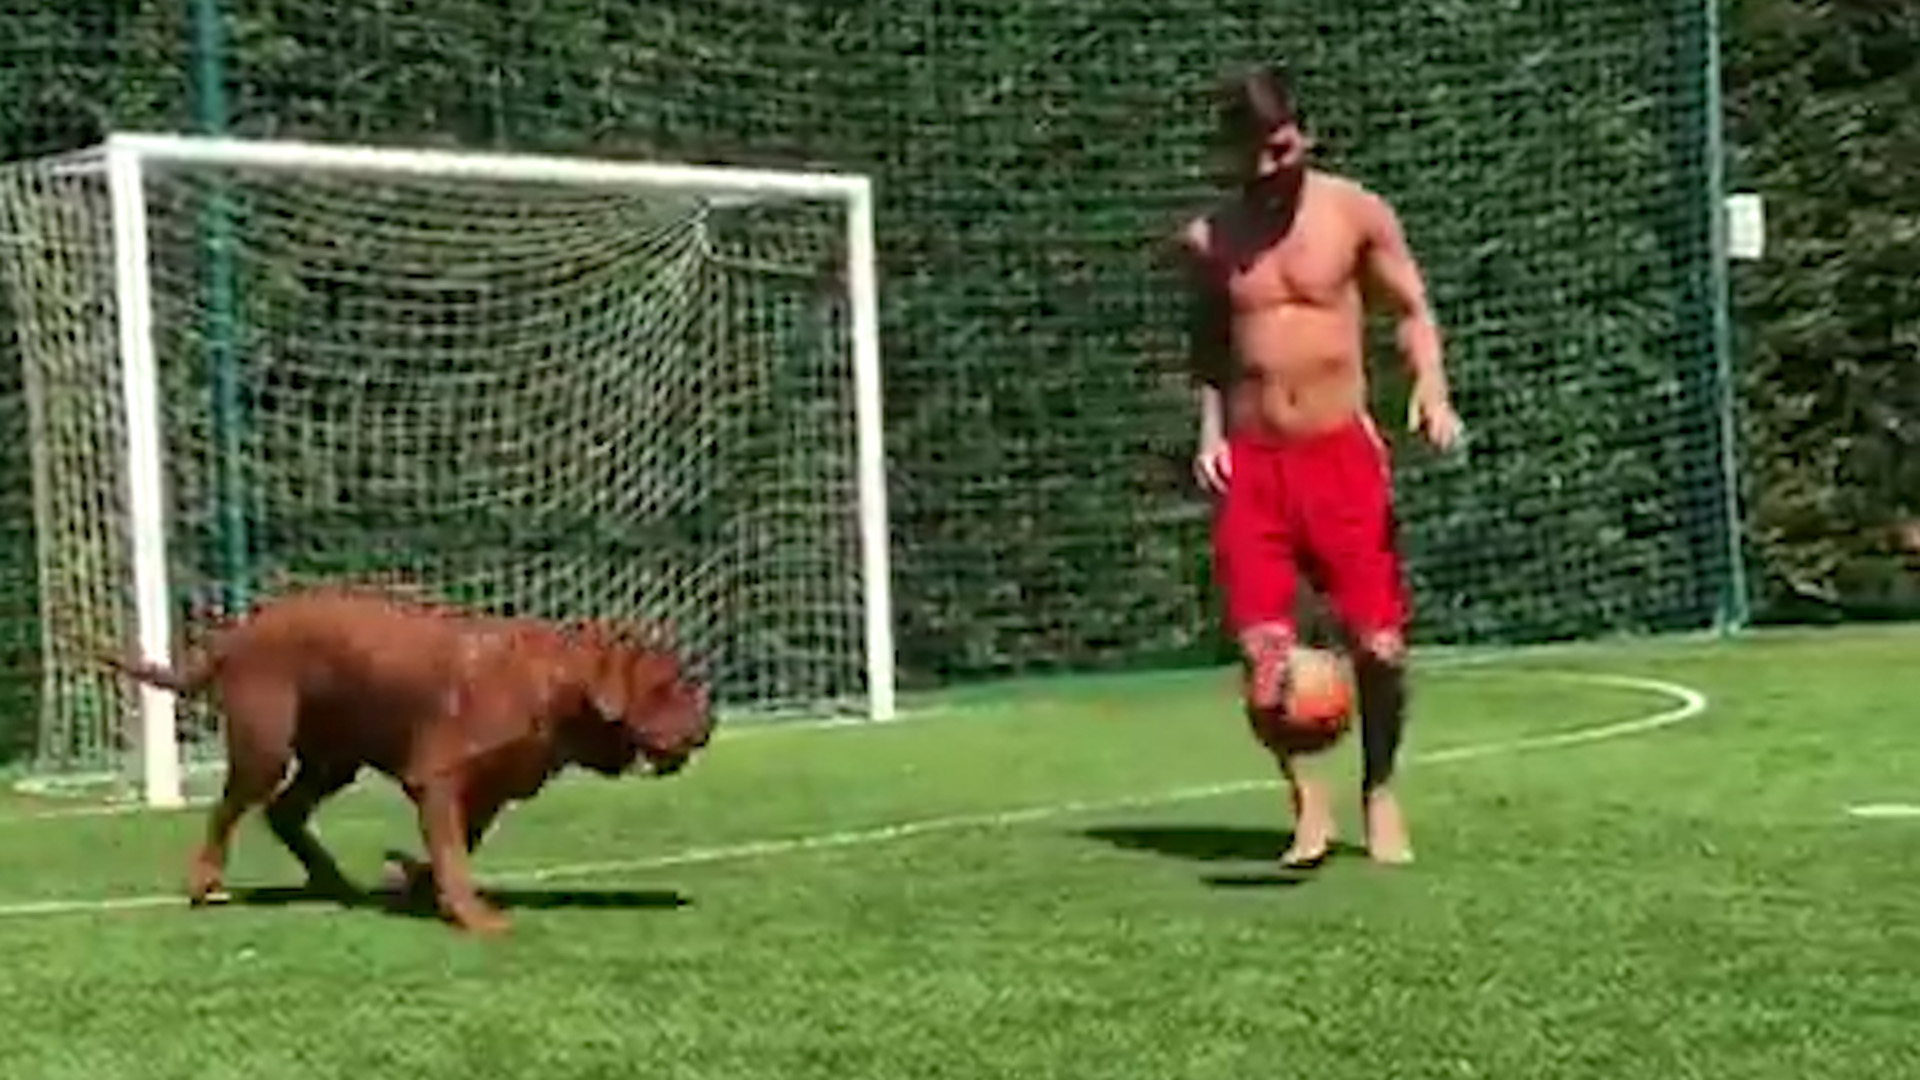 La imperdible charla de Thiago Messi y un amigo al ver jugar al ...